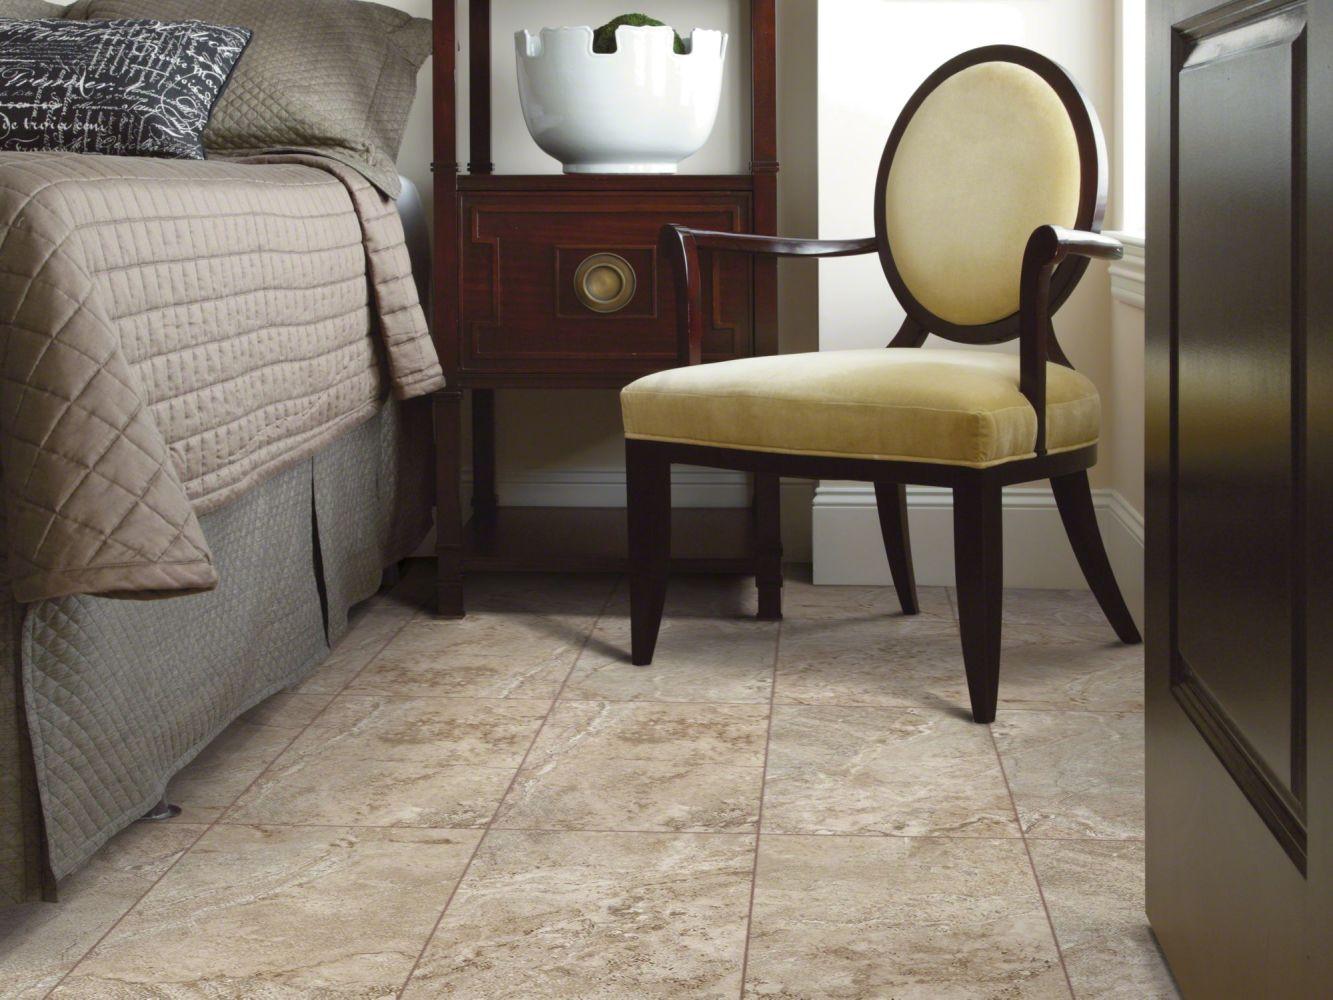 Shaw Floors Resilient Residential Fairmount Ti 20 Cedar Grove 00748_0414V